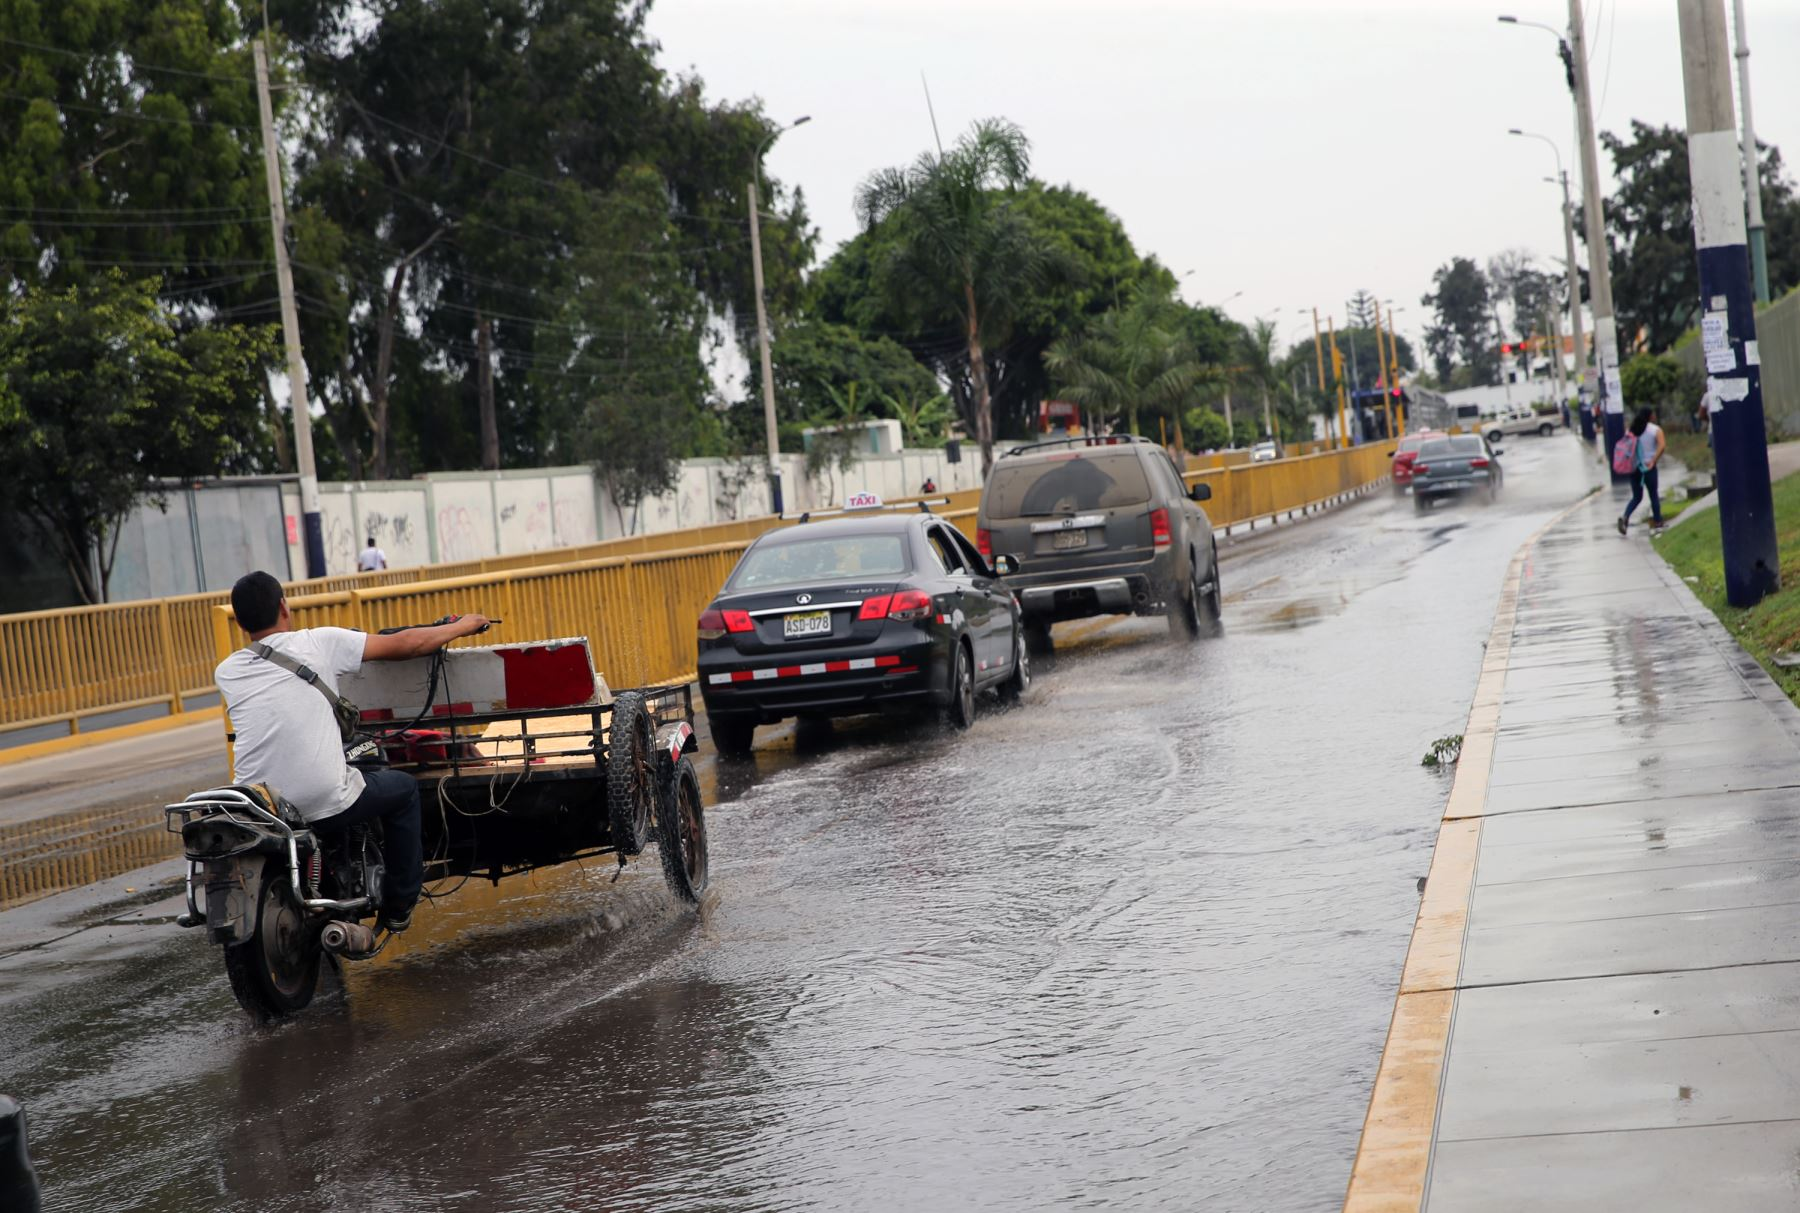 Rotura de tubería de agua potable,causa aniego en calles de  Chorrillos.Foto: ANDINA/Norman Córdova